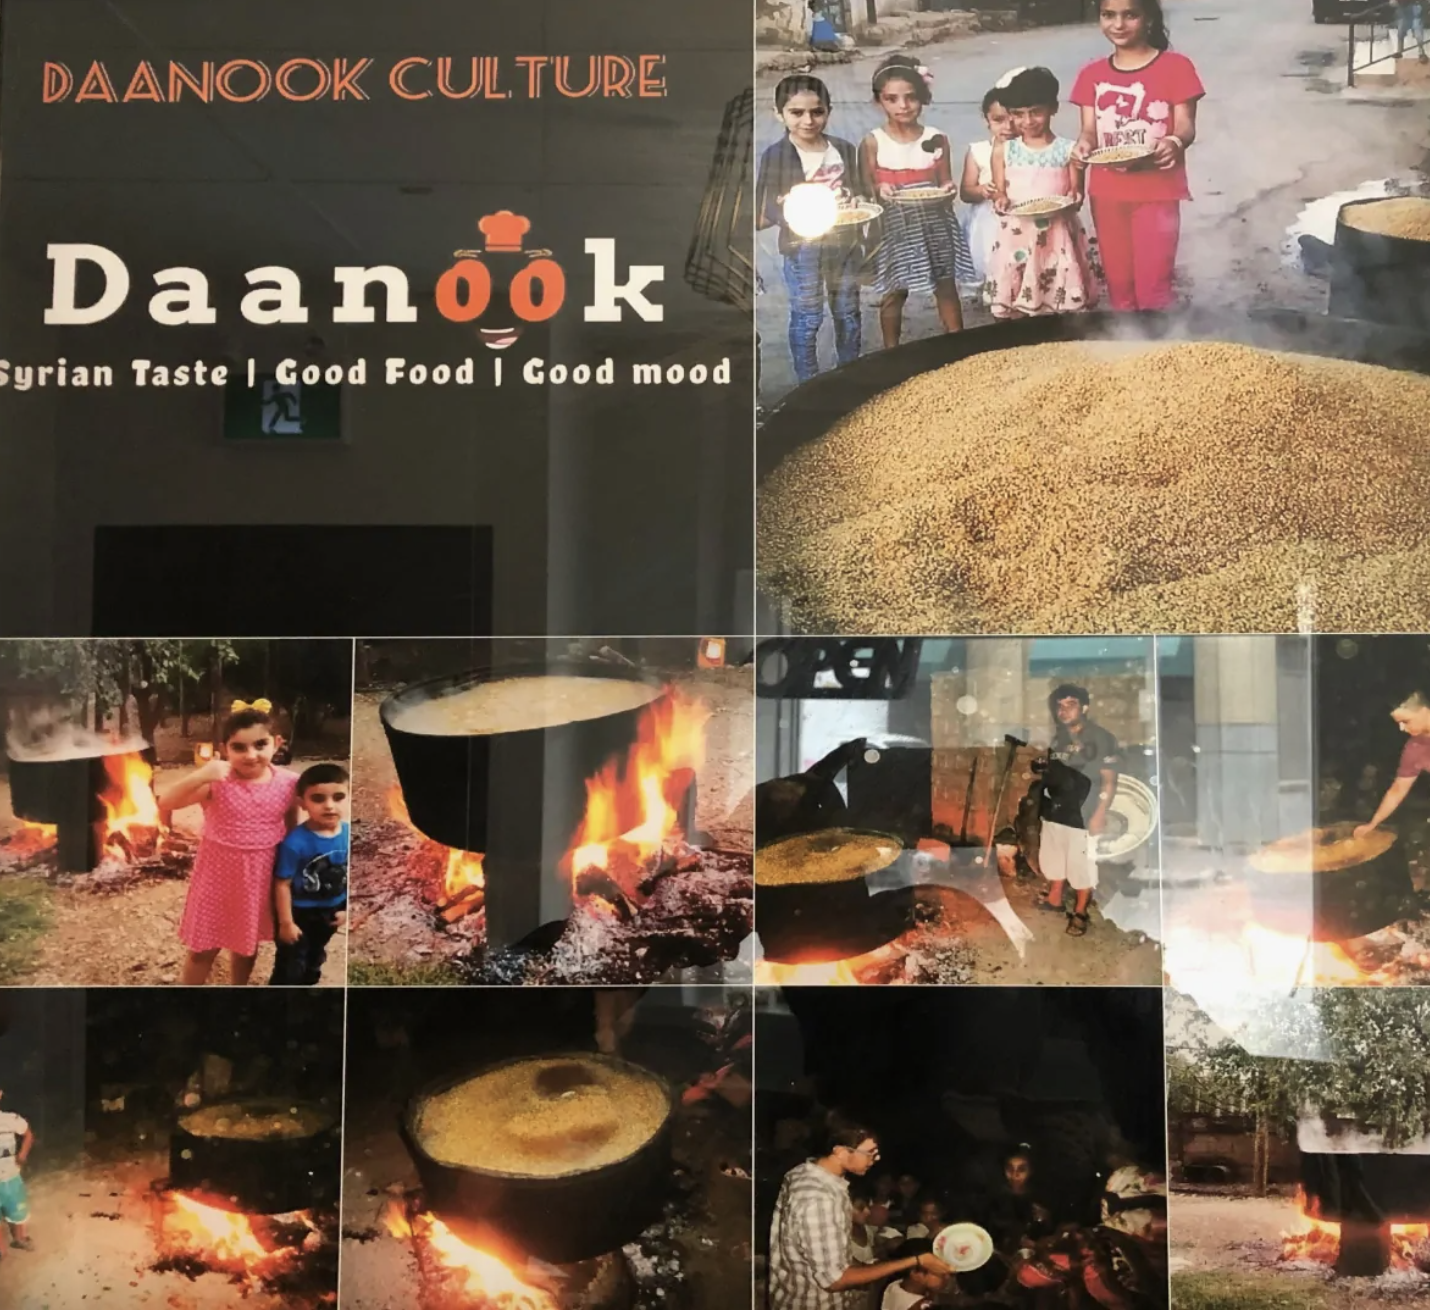 طريقة القمح ومشاركته على الجيران في سوريا والذي استمد المطعم اسمه منها (CBC)